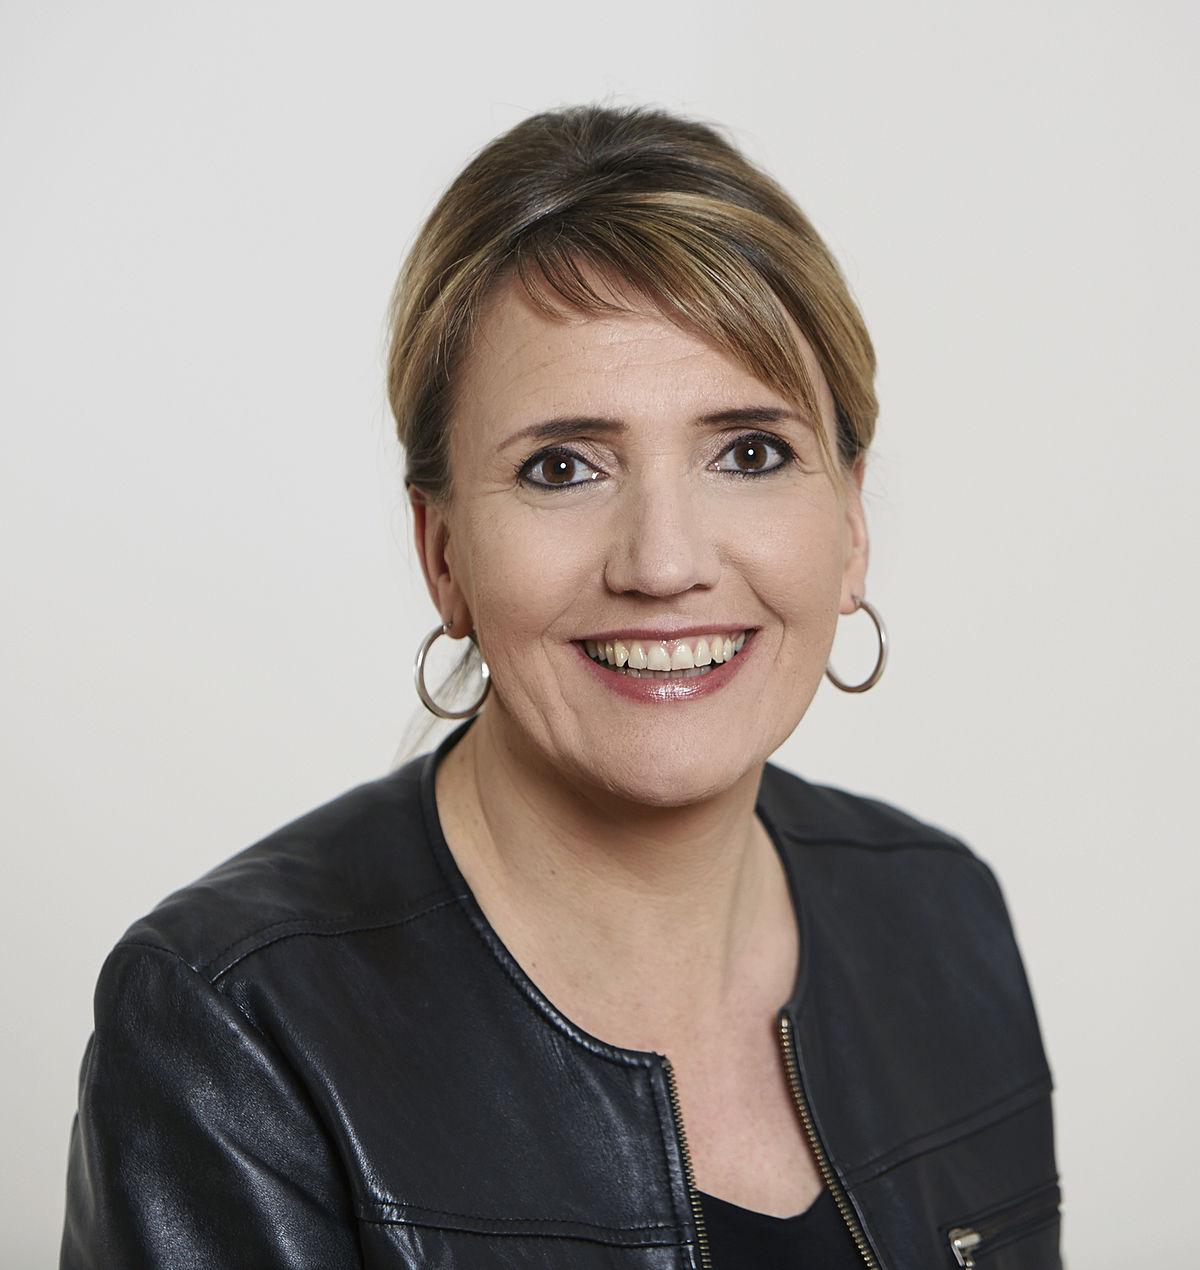 Simone Peters Grüne